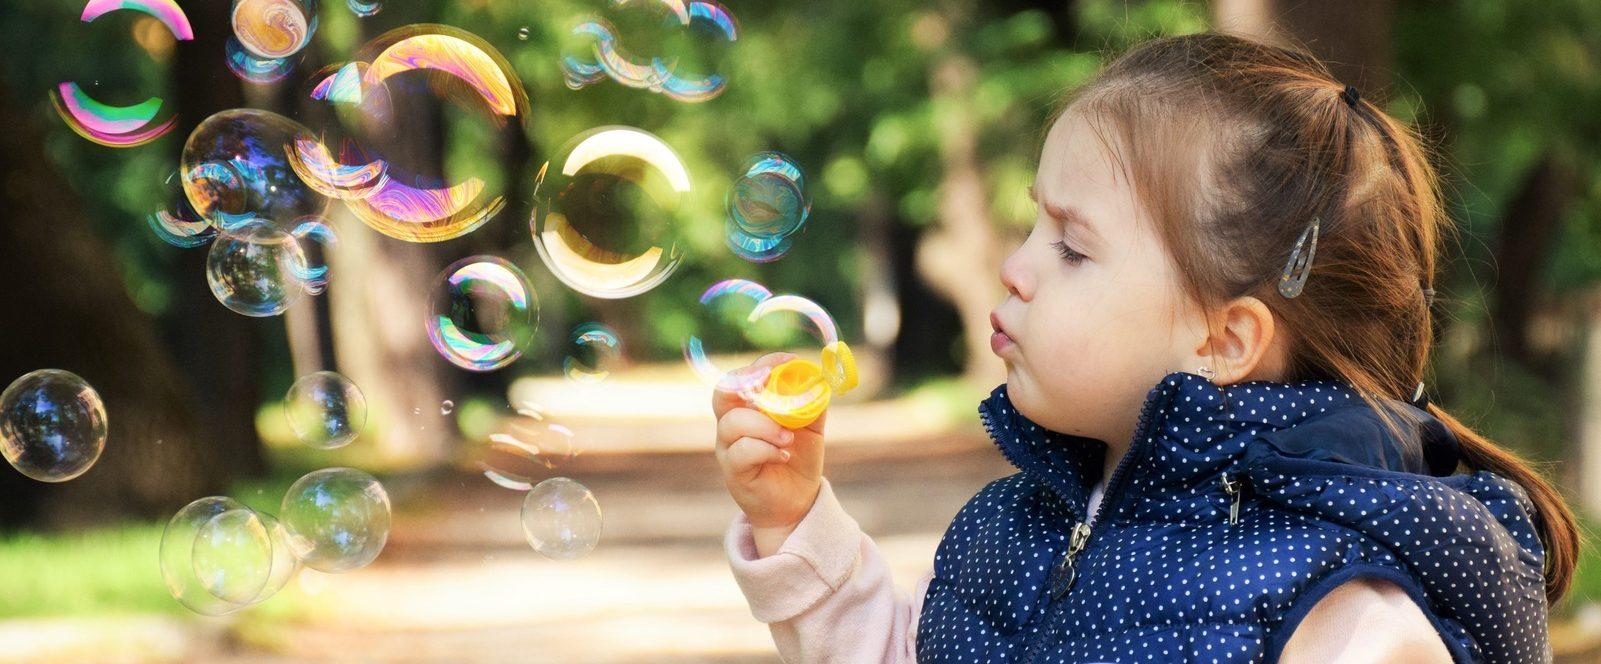 Día Universal del Niño, 30 años de lucha por los derechos de la infancia